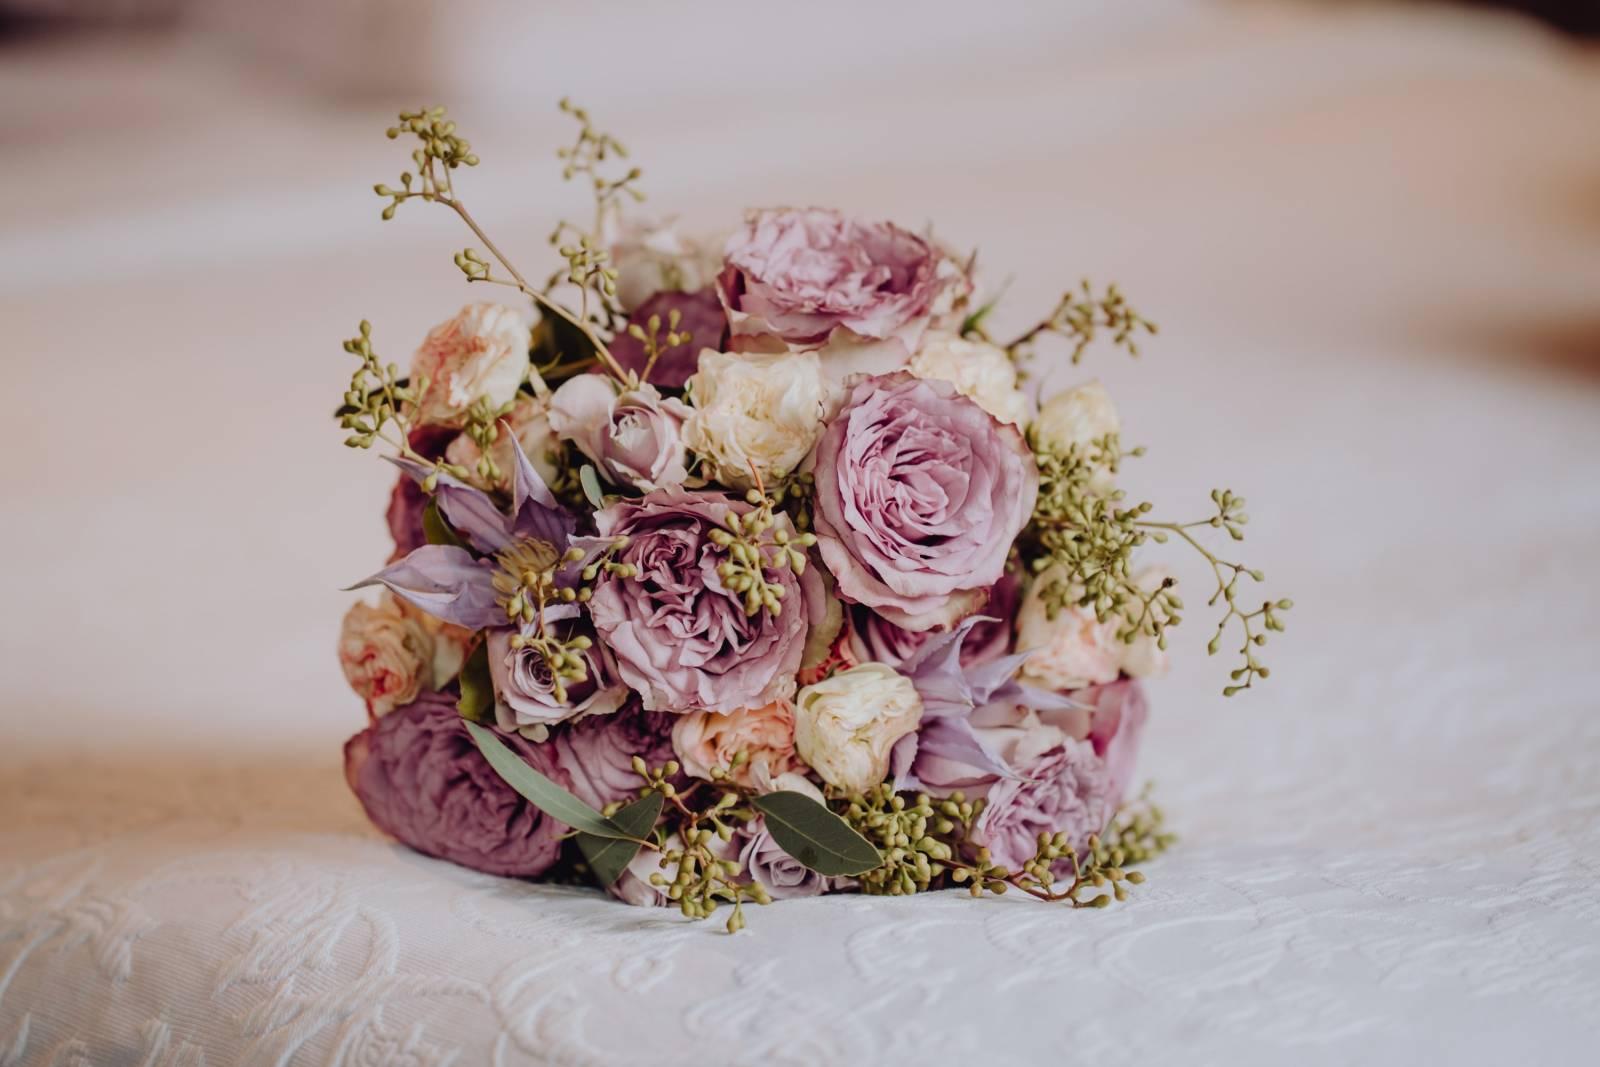 Elegant Events - Weddingplanner - Fotograaf LUX visual story tellers - House of Weddings (1)